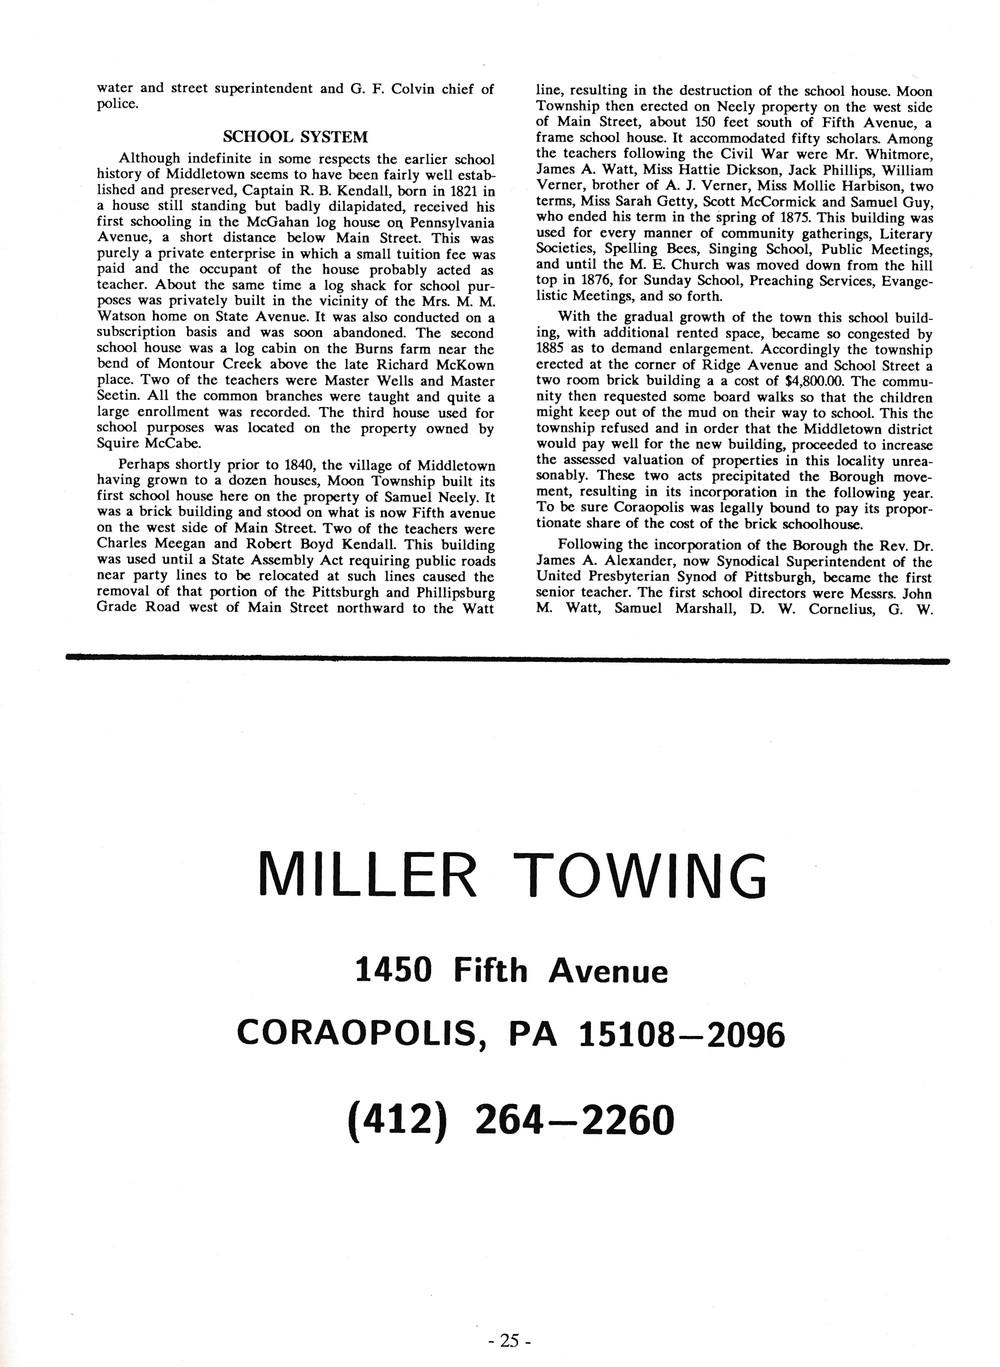 Coraopolis Centennial Booklet (27).jpg